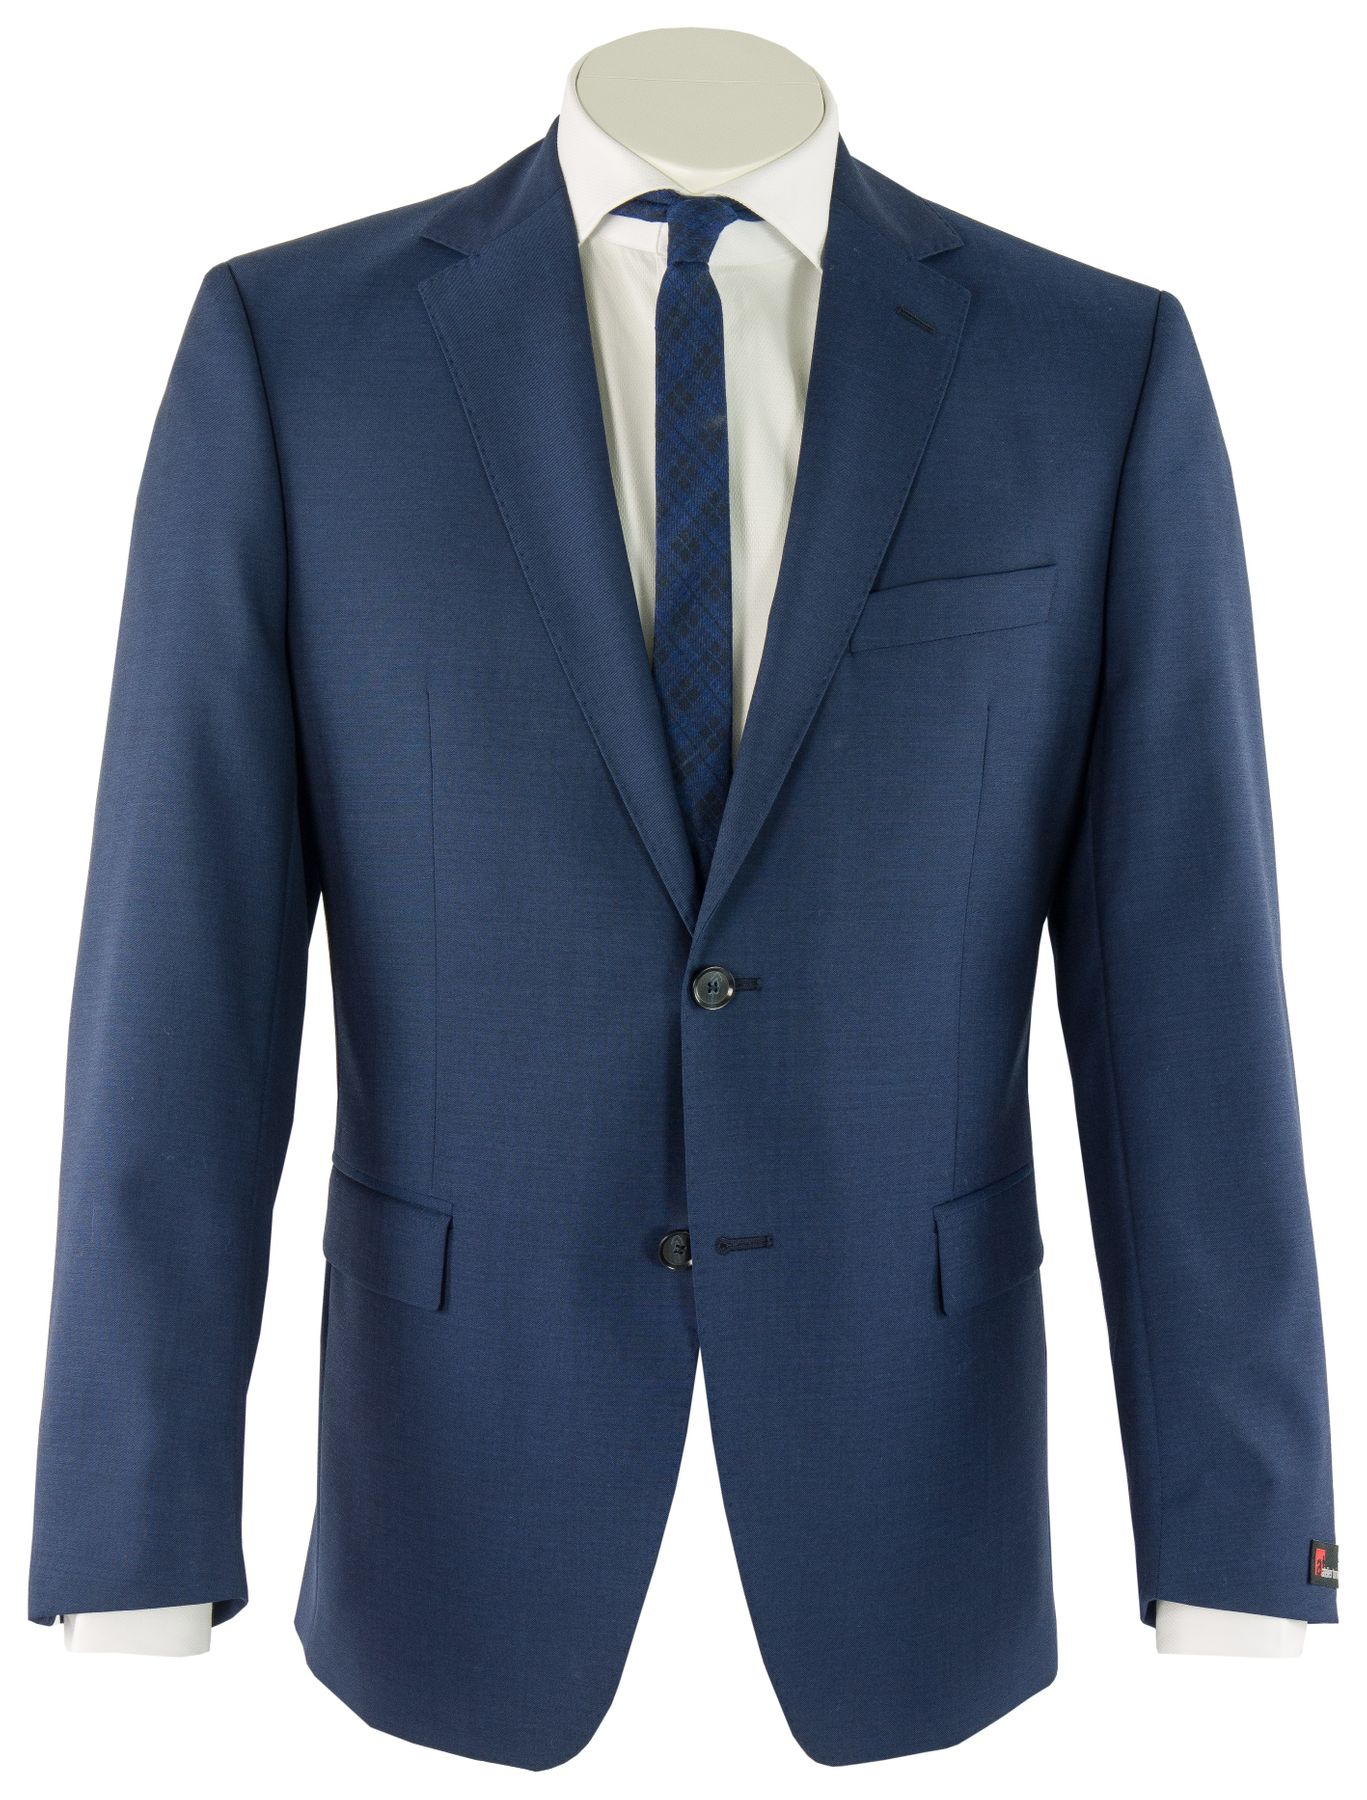 Atelier Torino - Classic Fit - Herren Baukasten Anzug aus Super 100'S Schurwolle, Weber: Marlane Primatist, Giorgio SS/Bill (831102) – Bild 1